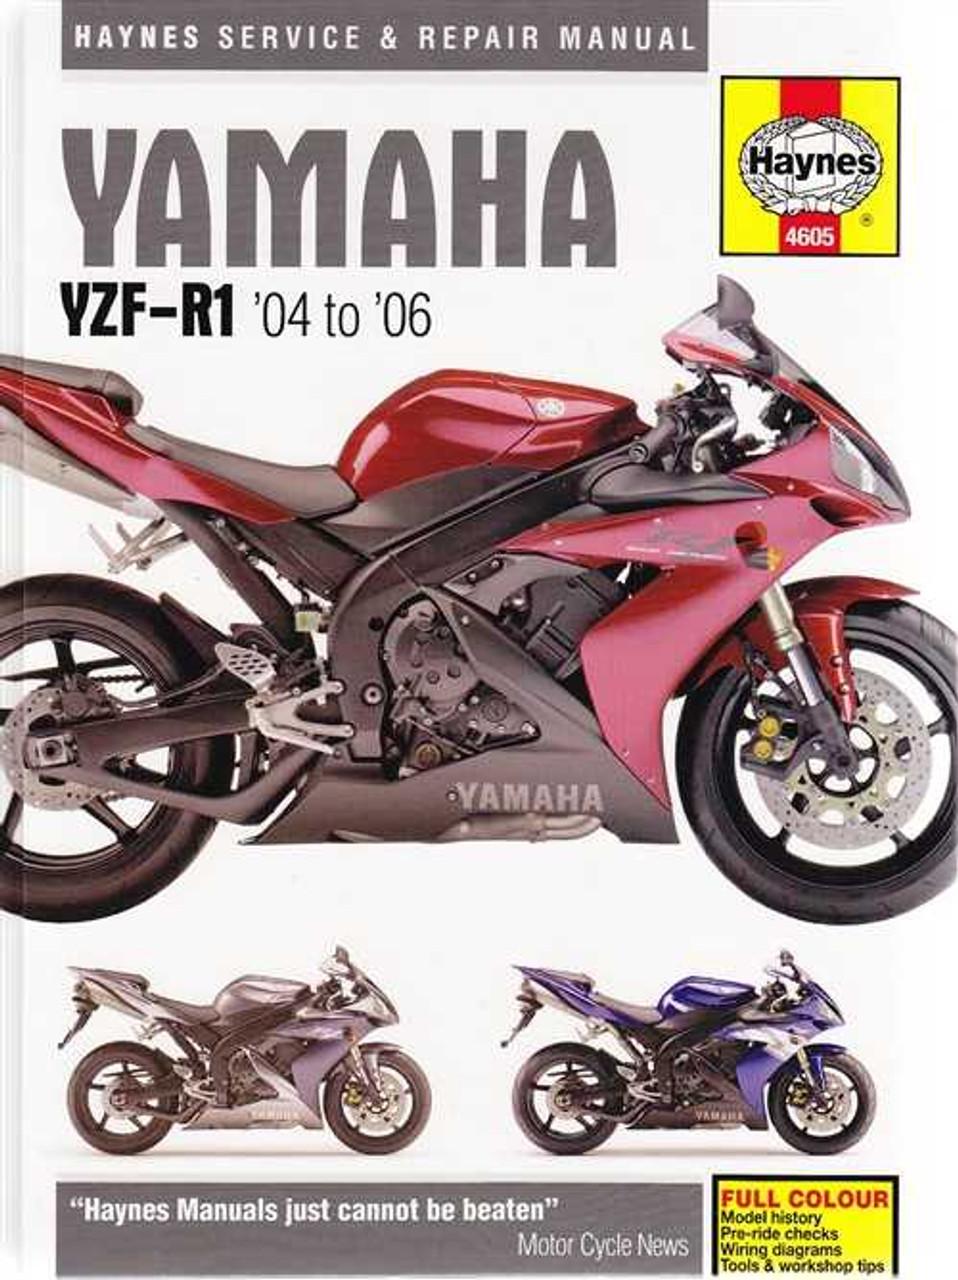 2004 Yamaha R1 Wiring Diagram - Wiring Diagrams on